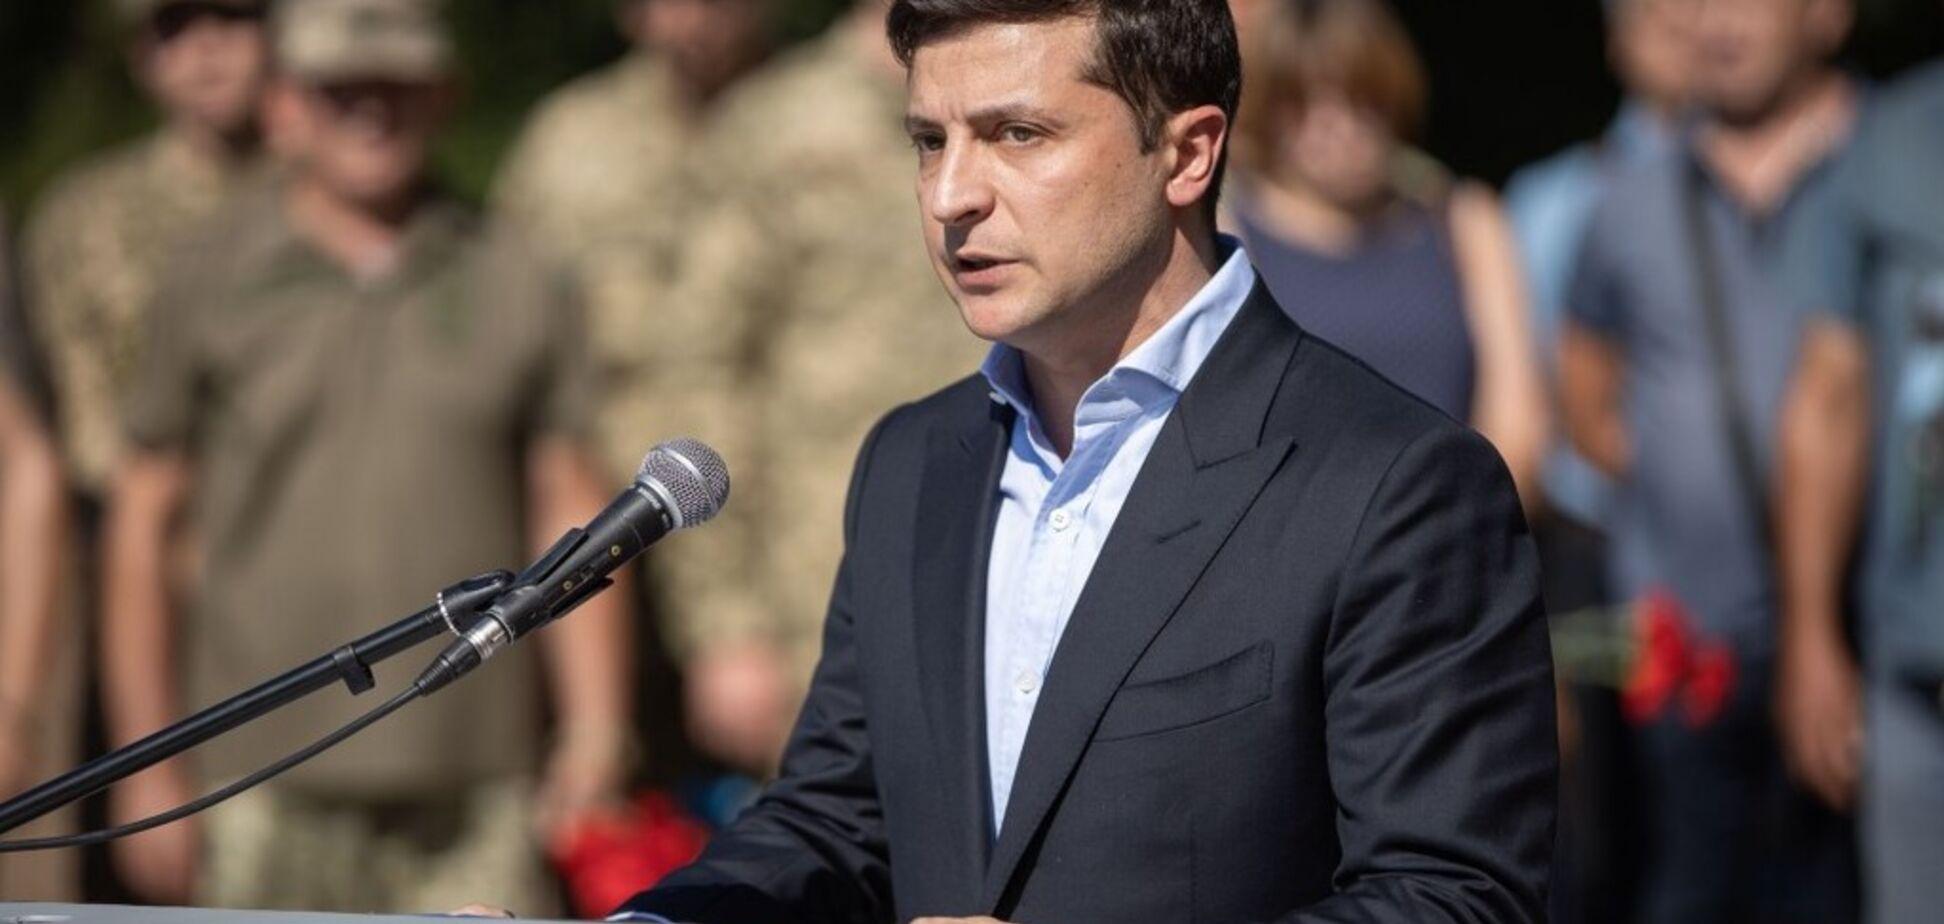 'Мгновенно и жестко': Зеленский отреагировал на трагедию с колонной ВСУ на Донбассе